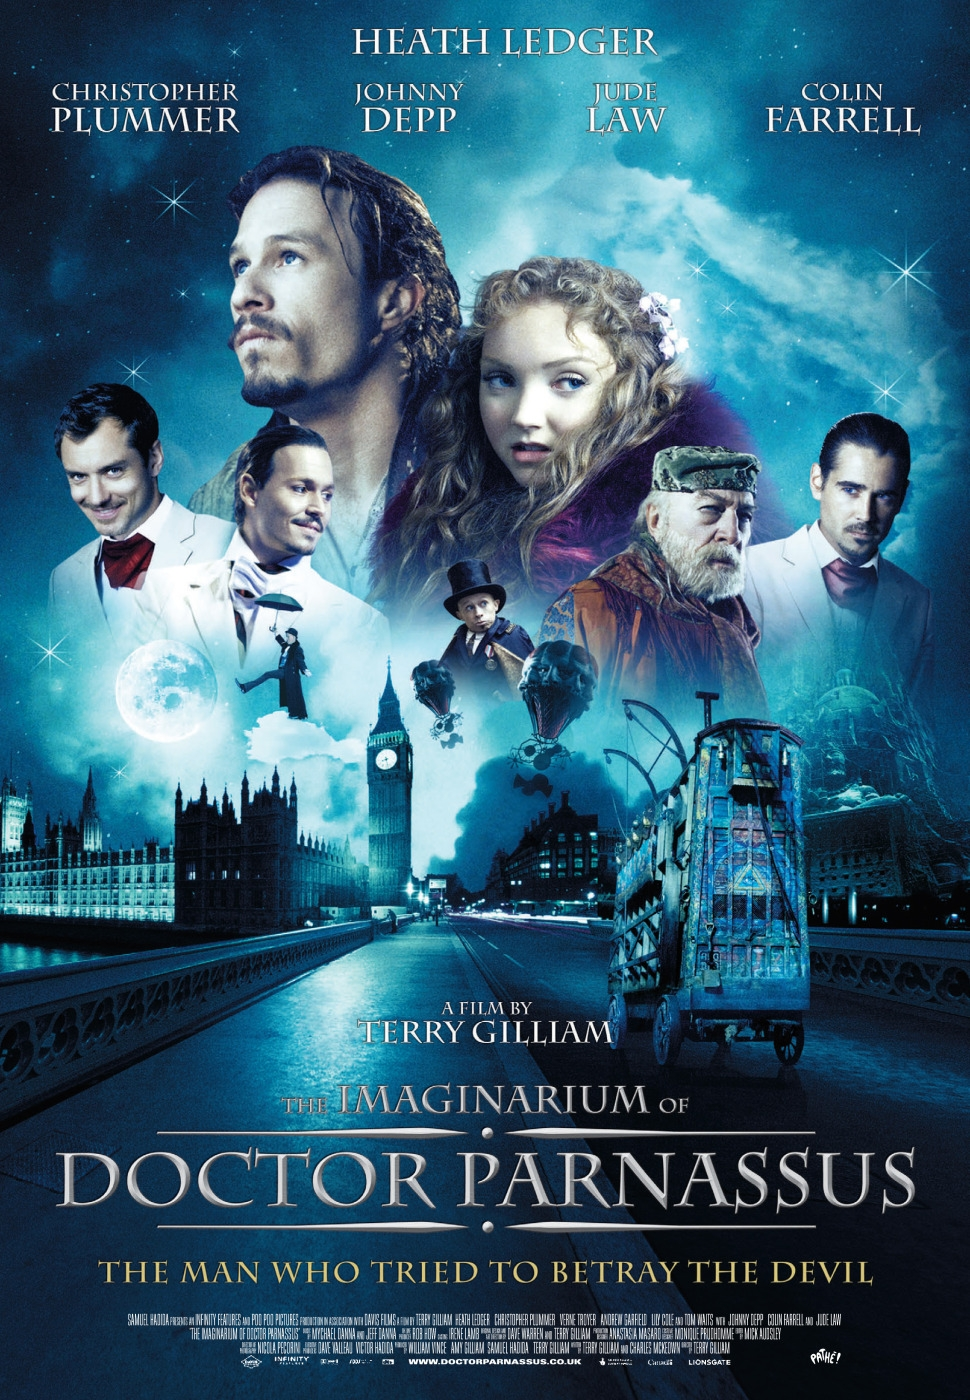 Đánh Cược Với Quỷ - The Imaginarium Of Doctor Parnassus (2010)